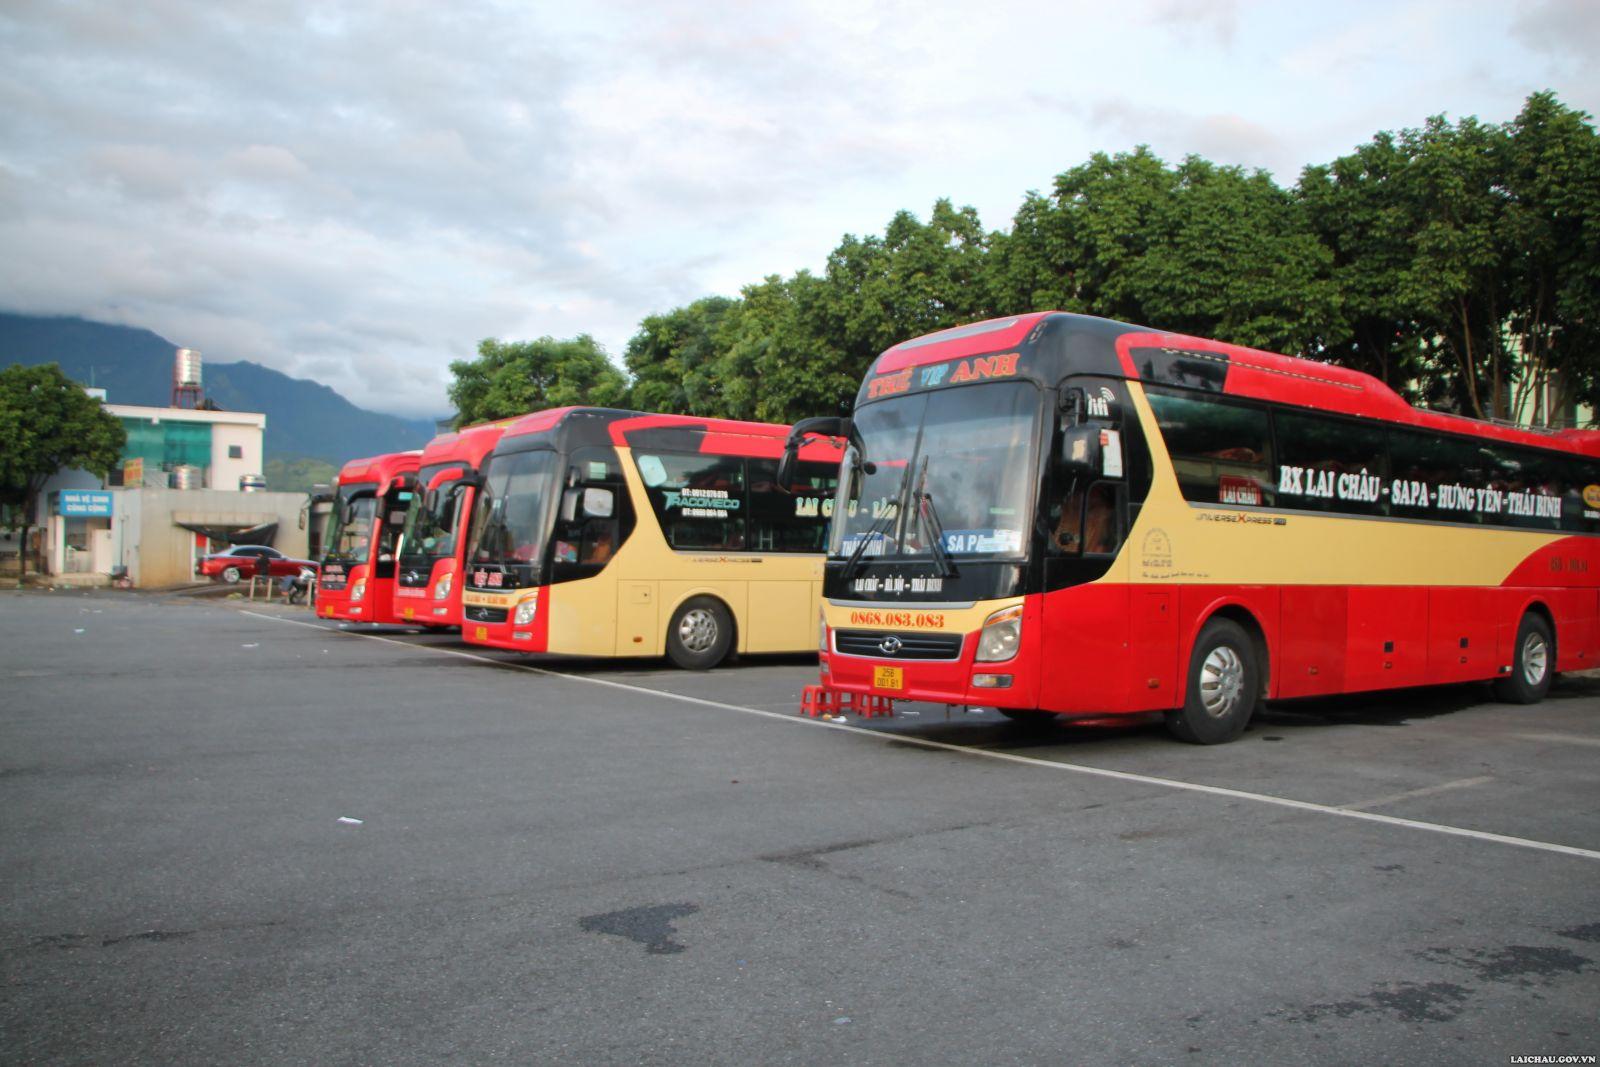 Lai Châu:Tạm dừng hoạt động vận chuyển hành khách đi tỉnh Sơn La và ngược lại kể từ 00h00 ngày 24/7/2021